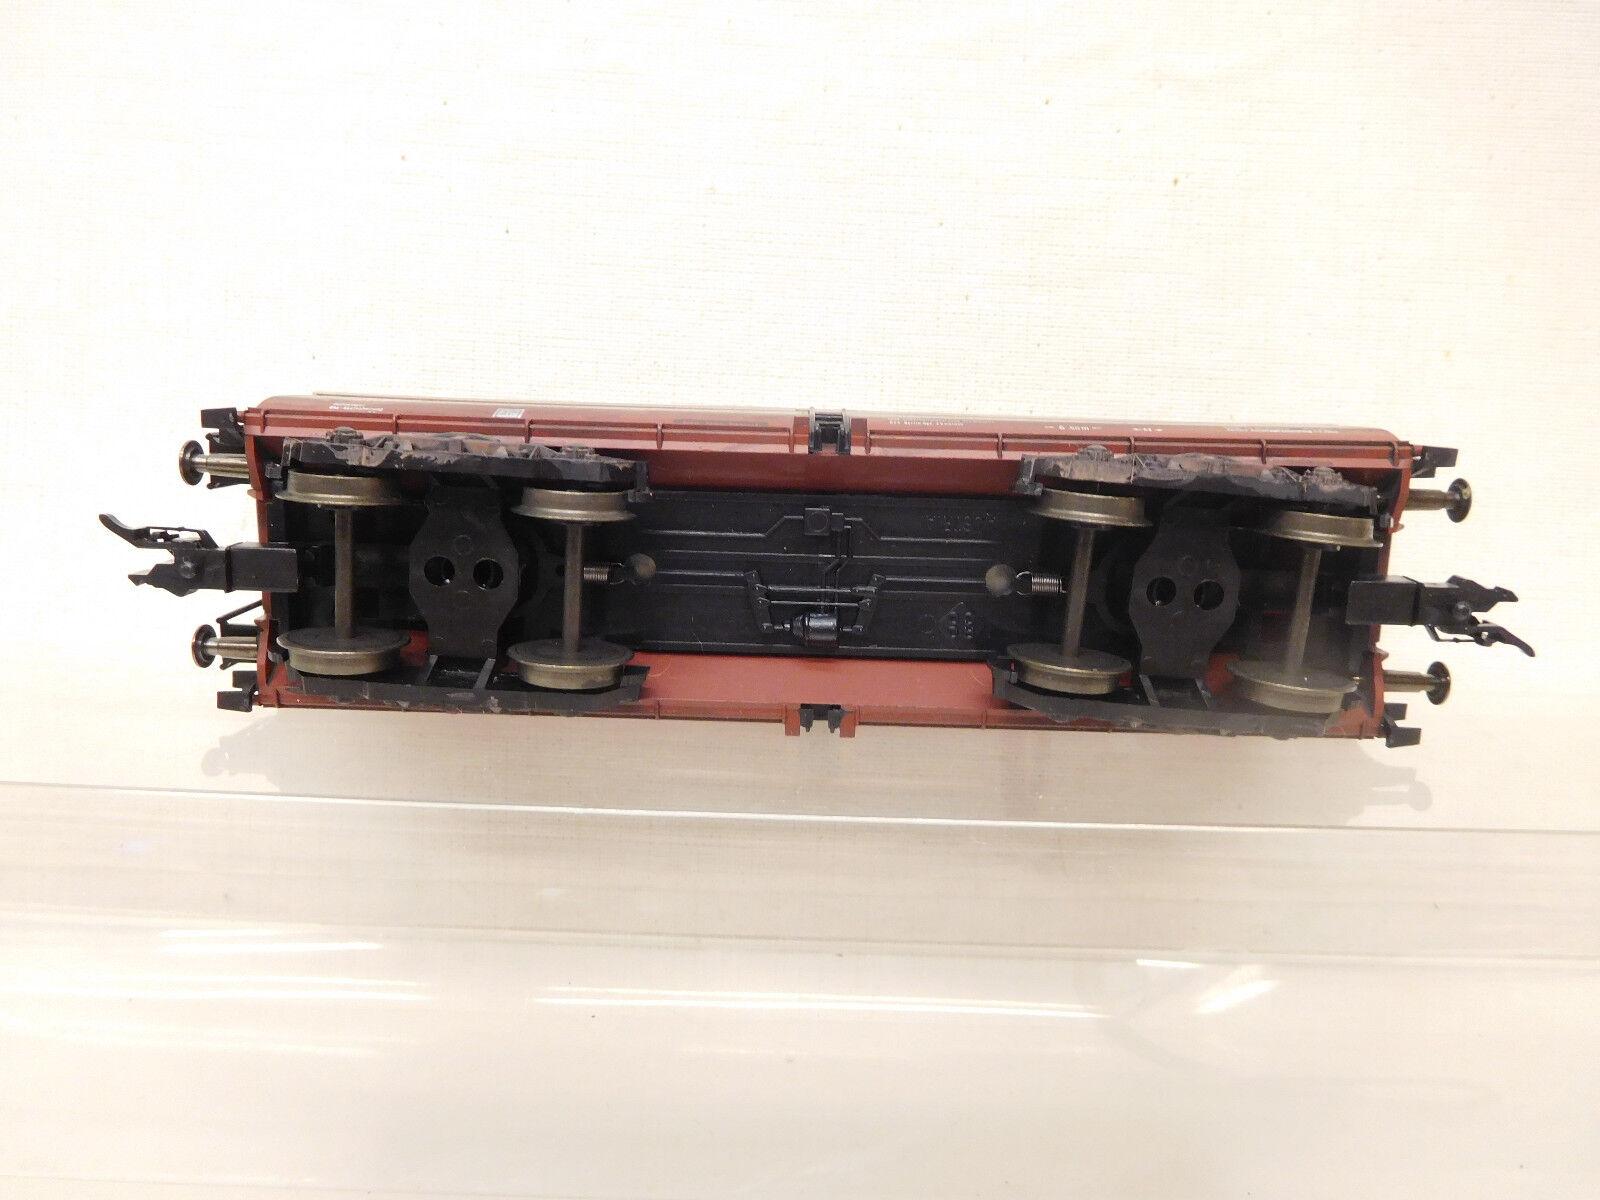 MES-59408 Roco H0 Selbstentladewagen gesupert DR 2342 2342 2342 mit Kohleladung K-NEM  | Haben Wir Lob Von Kunden Gewonnen  f49cdf